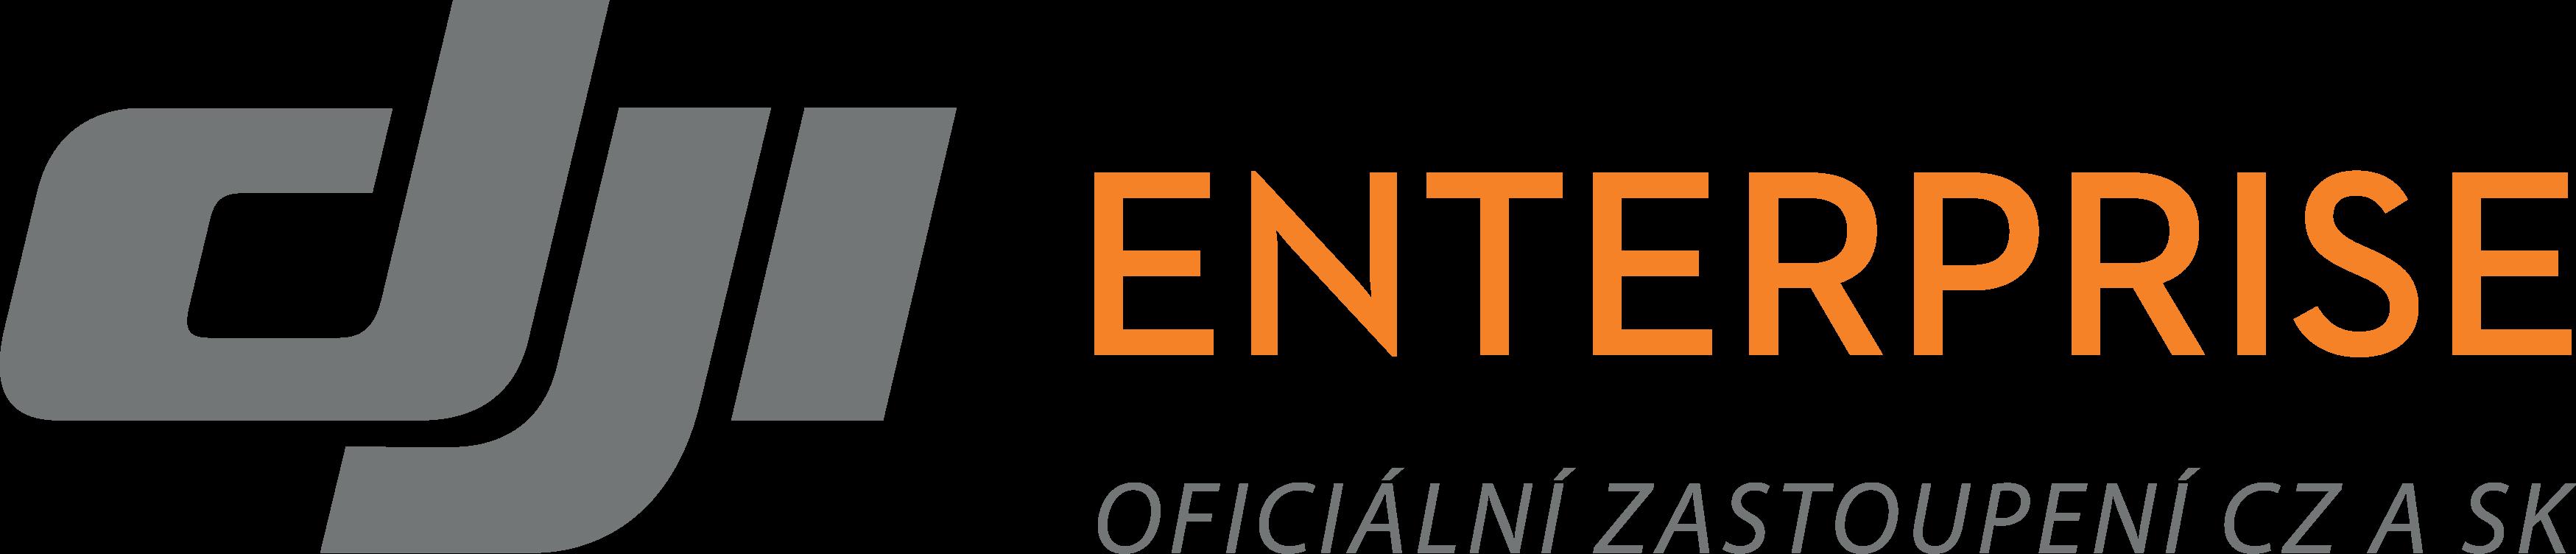 DJI_logo_enterprise